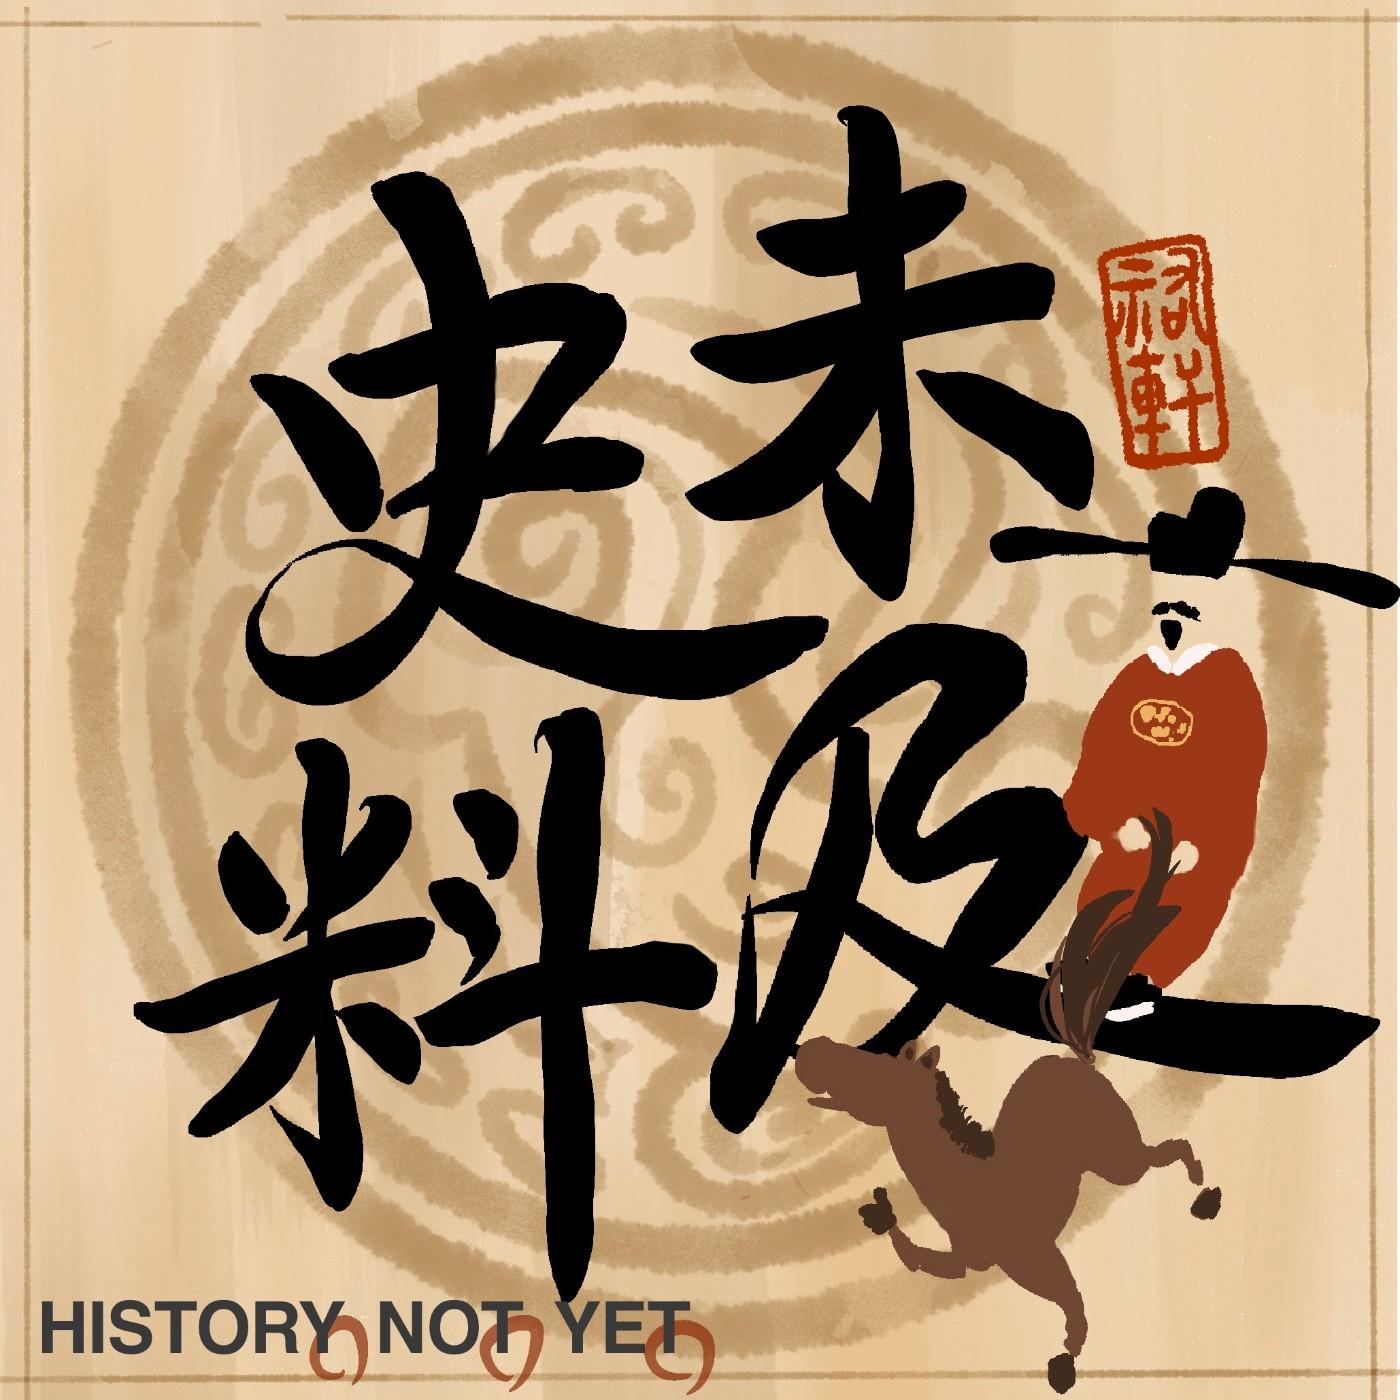 歷史十分鐘 14:疫苗的歷史|牛痘、人痘、與法老王的痘(下)